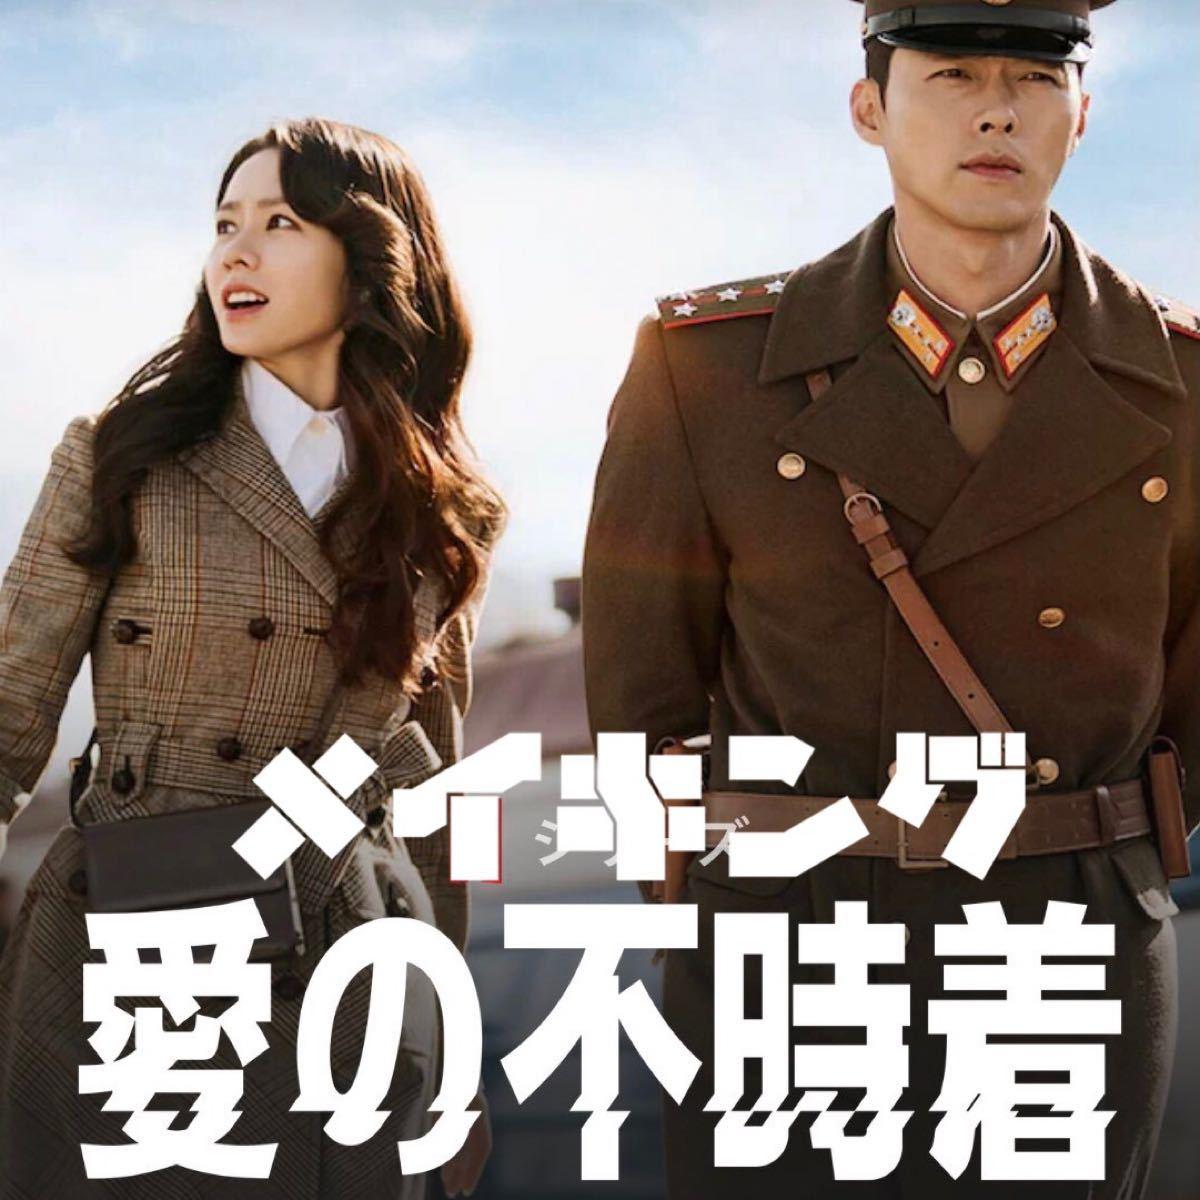 愛の不時着  メイキング  DVD  レーベル有り  ヒョンビン  ソン・イェジン